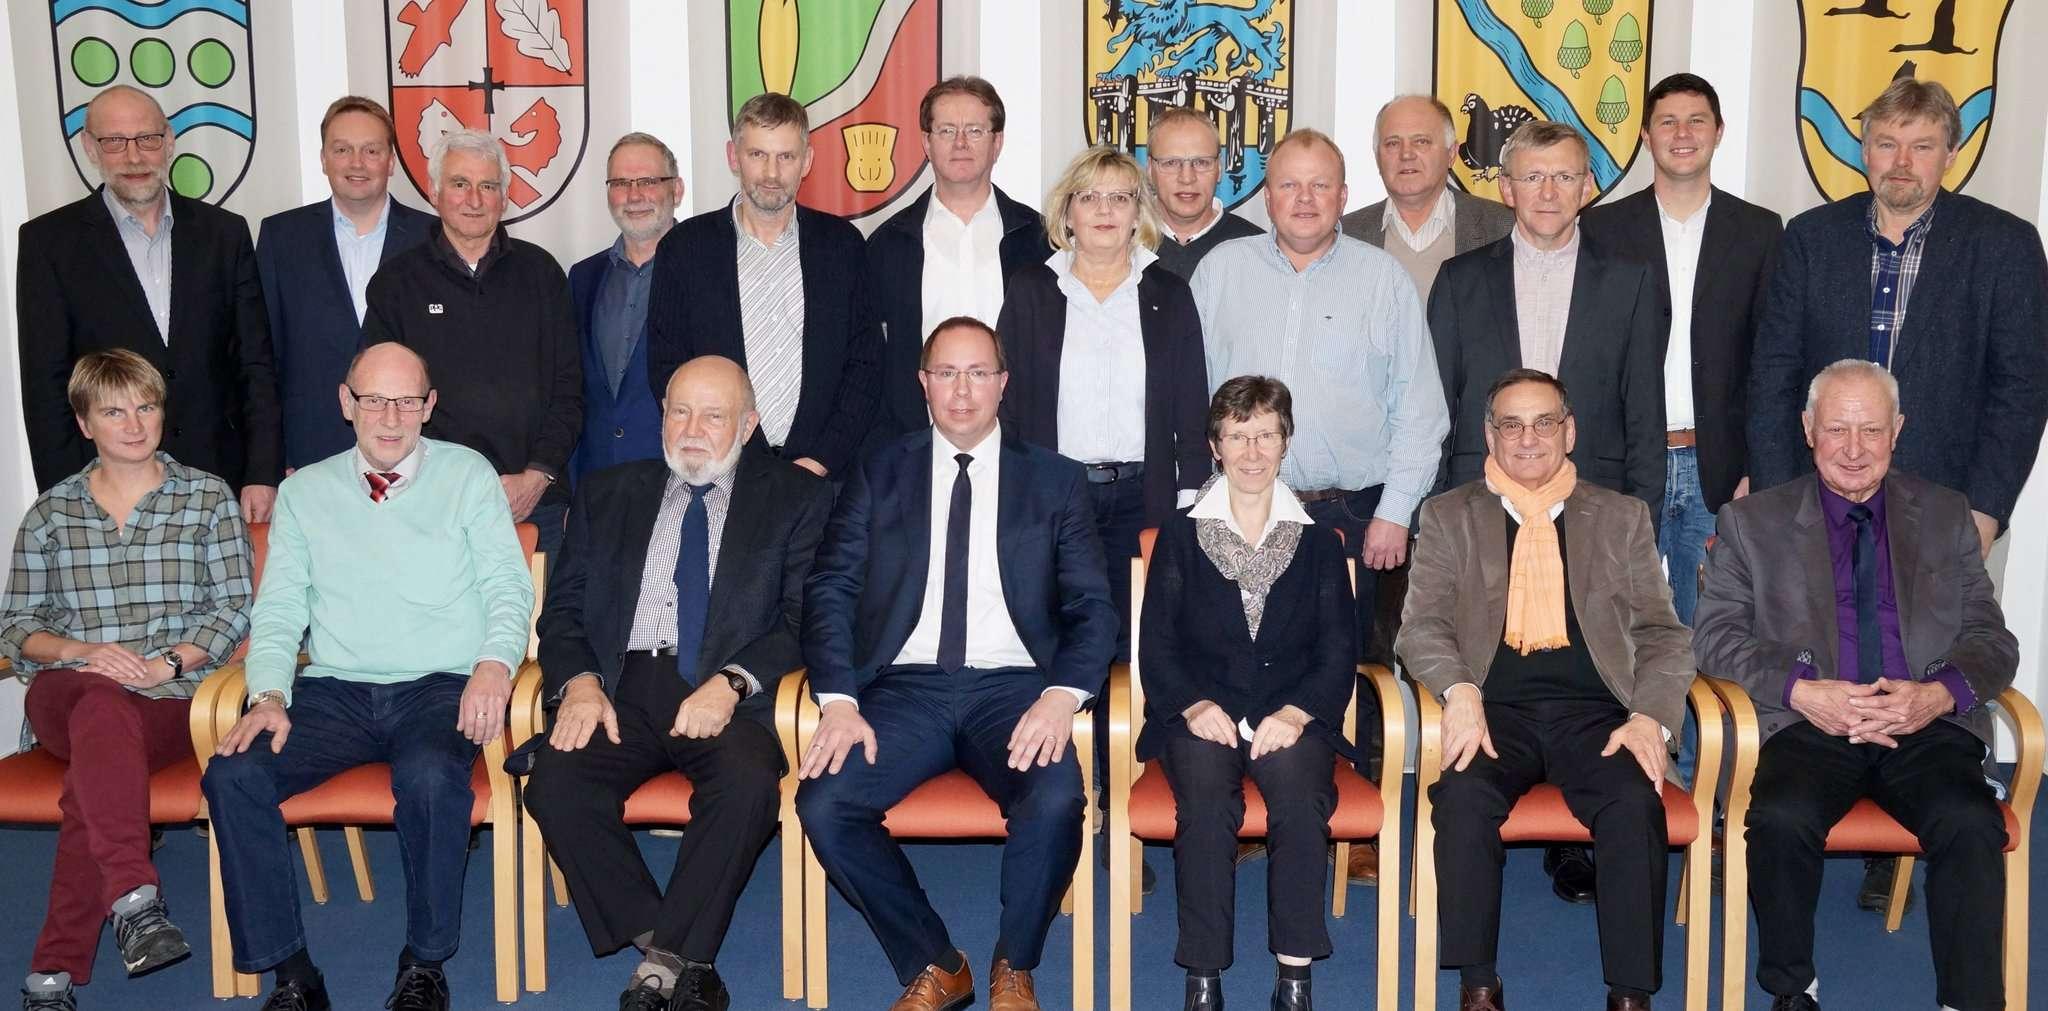 Der Haushaltsplan wurde von allen Ratsmitgliedern einstimmig angenommen. Foto: Hans-Jörg Werth